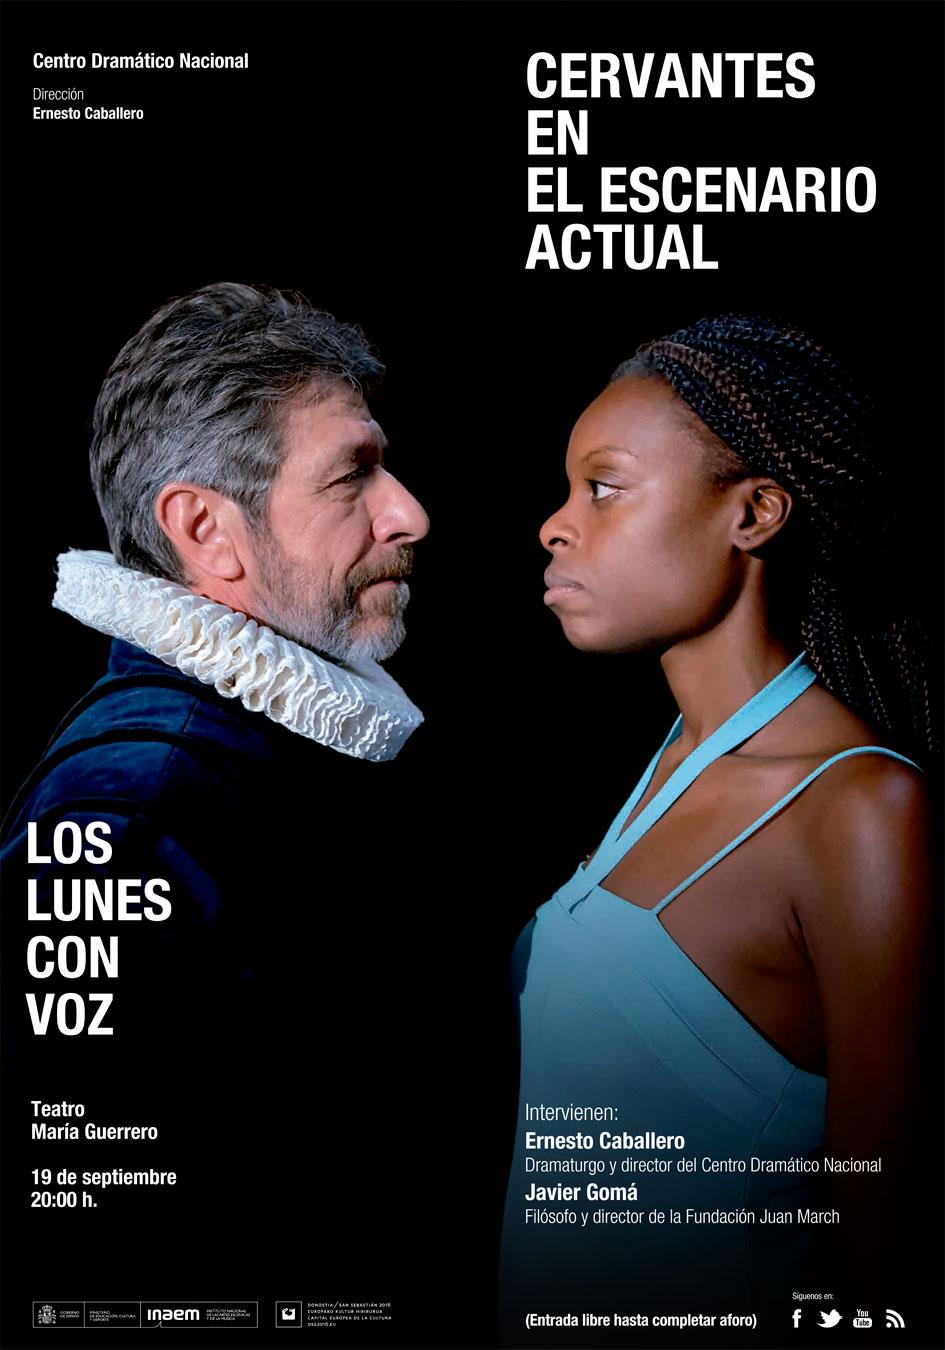 Cartel Cervantes en la escena actual (Los lunes con voz)